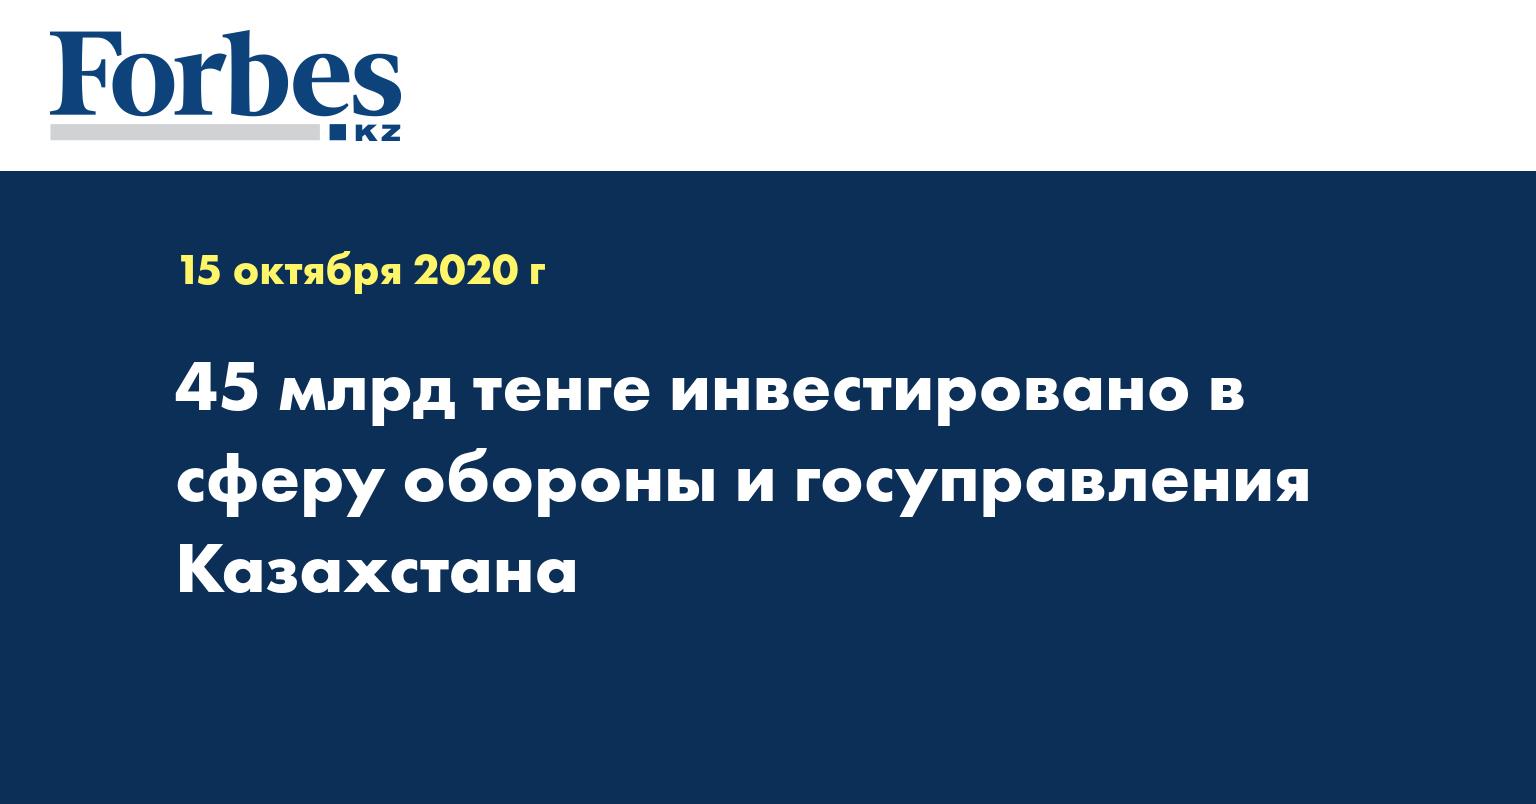 45 млрд тенге инвестировано в сферу обороны и госуправления Казахстана